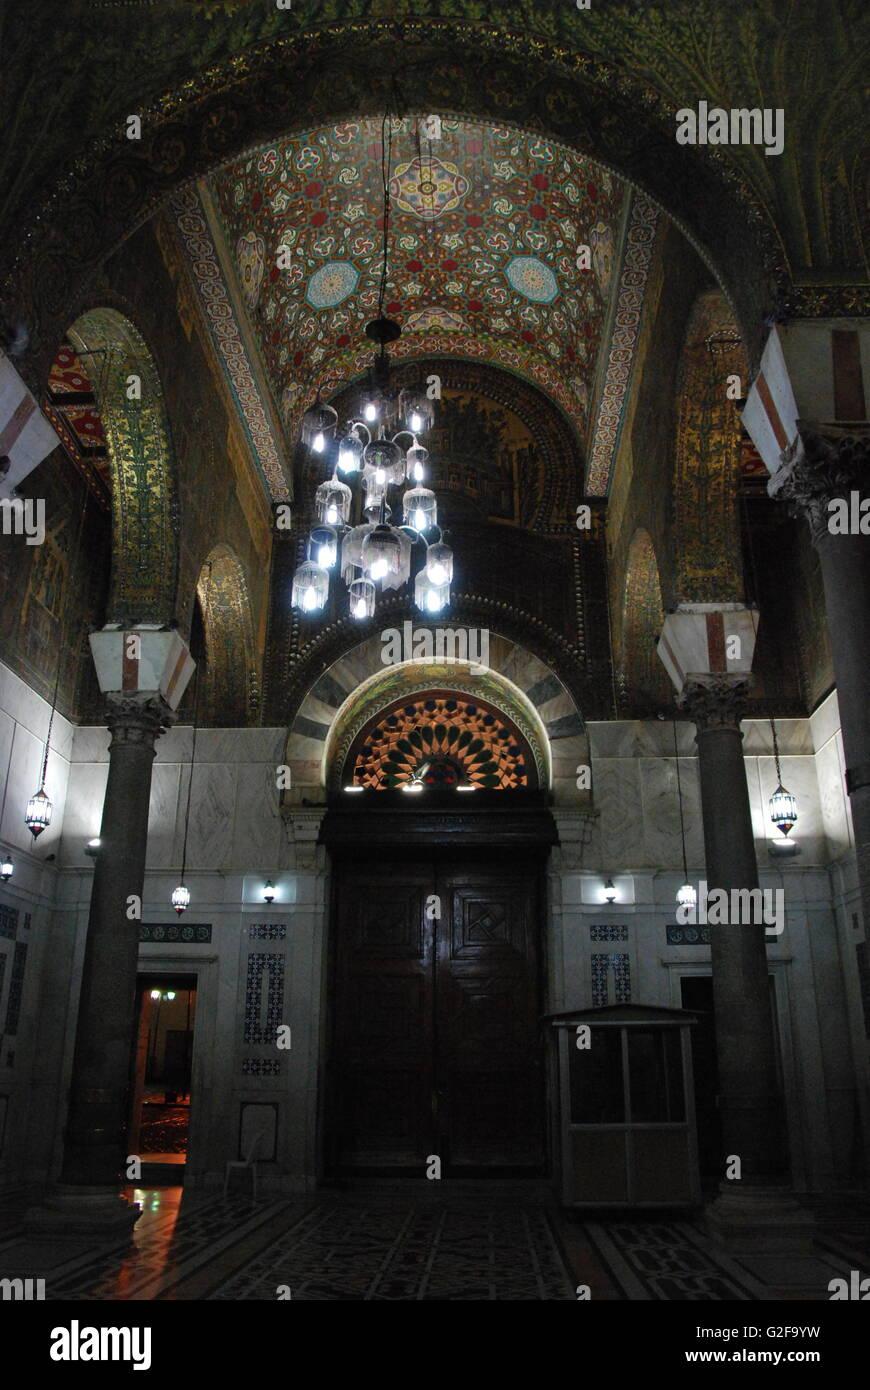 Damascus - Umayyad Mosque At Night, Architecture Stock Photo